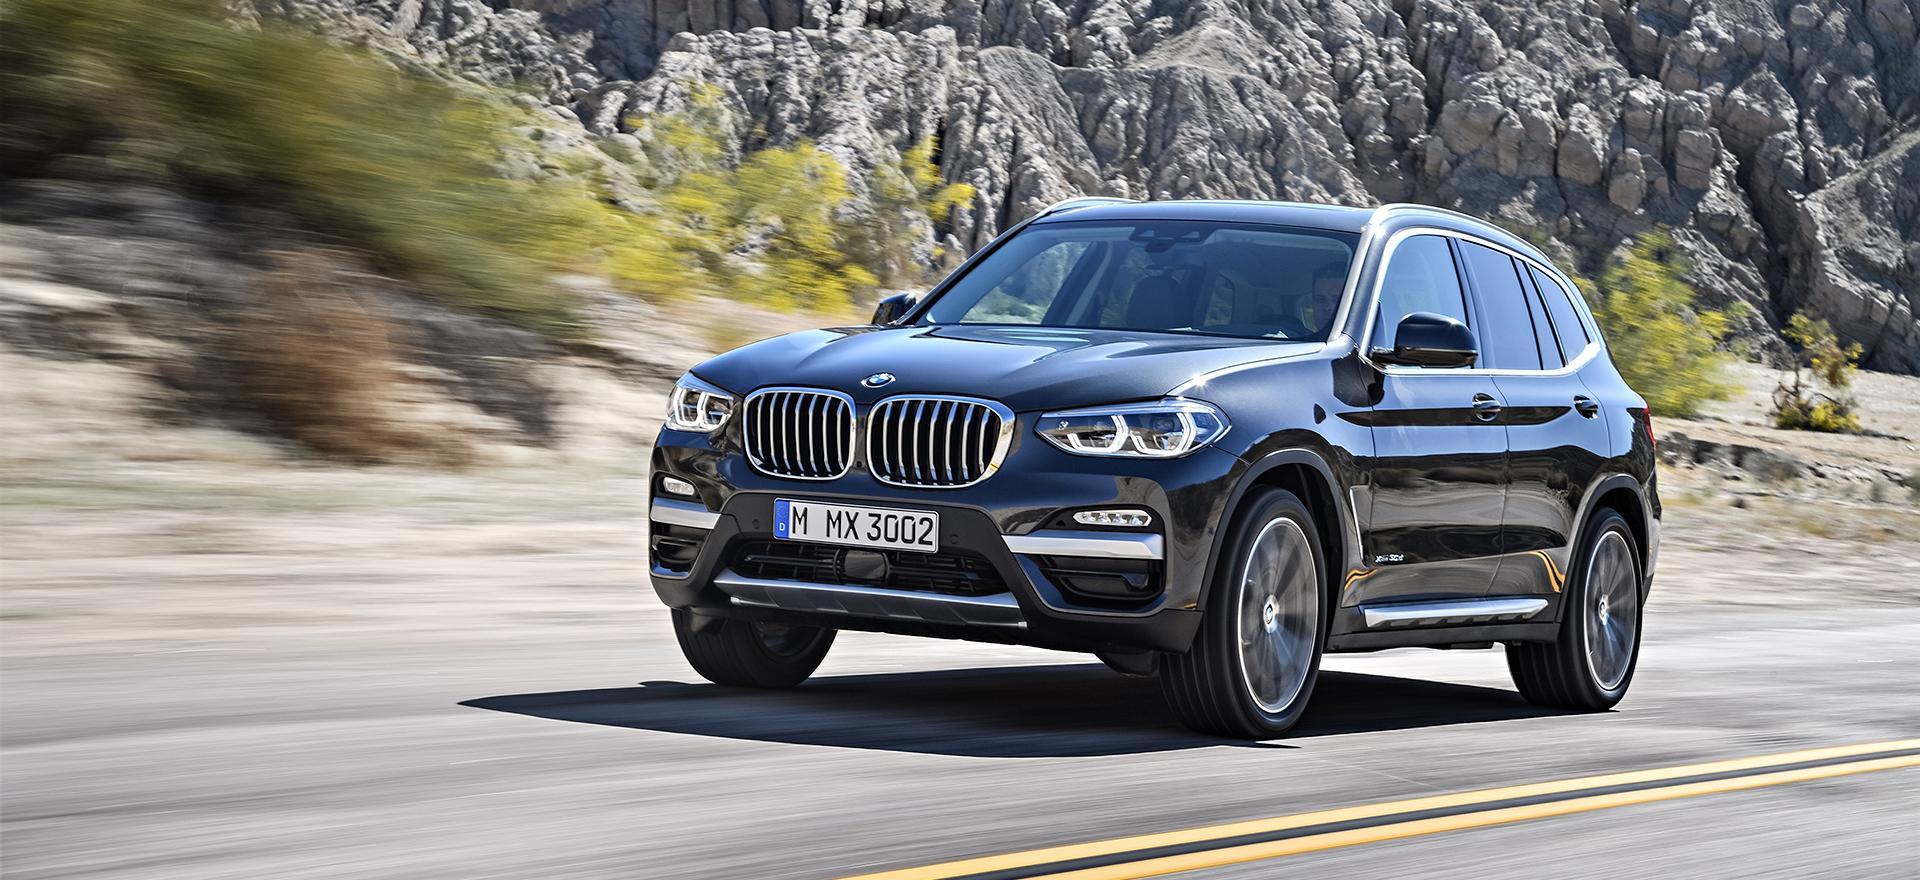 «Авто-Авангард» провел мероприятие презентация нового BMW X3